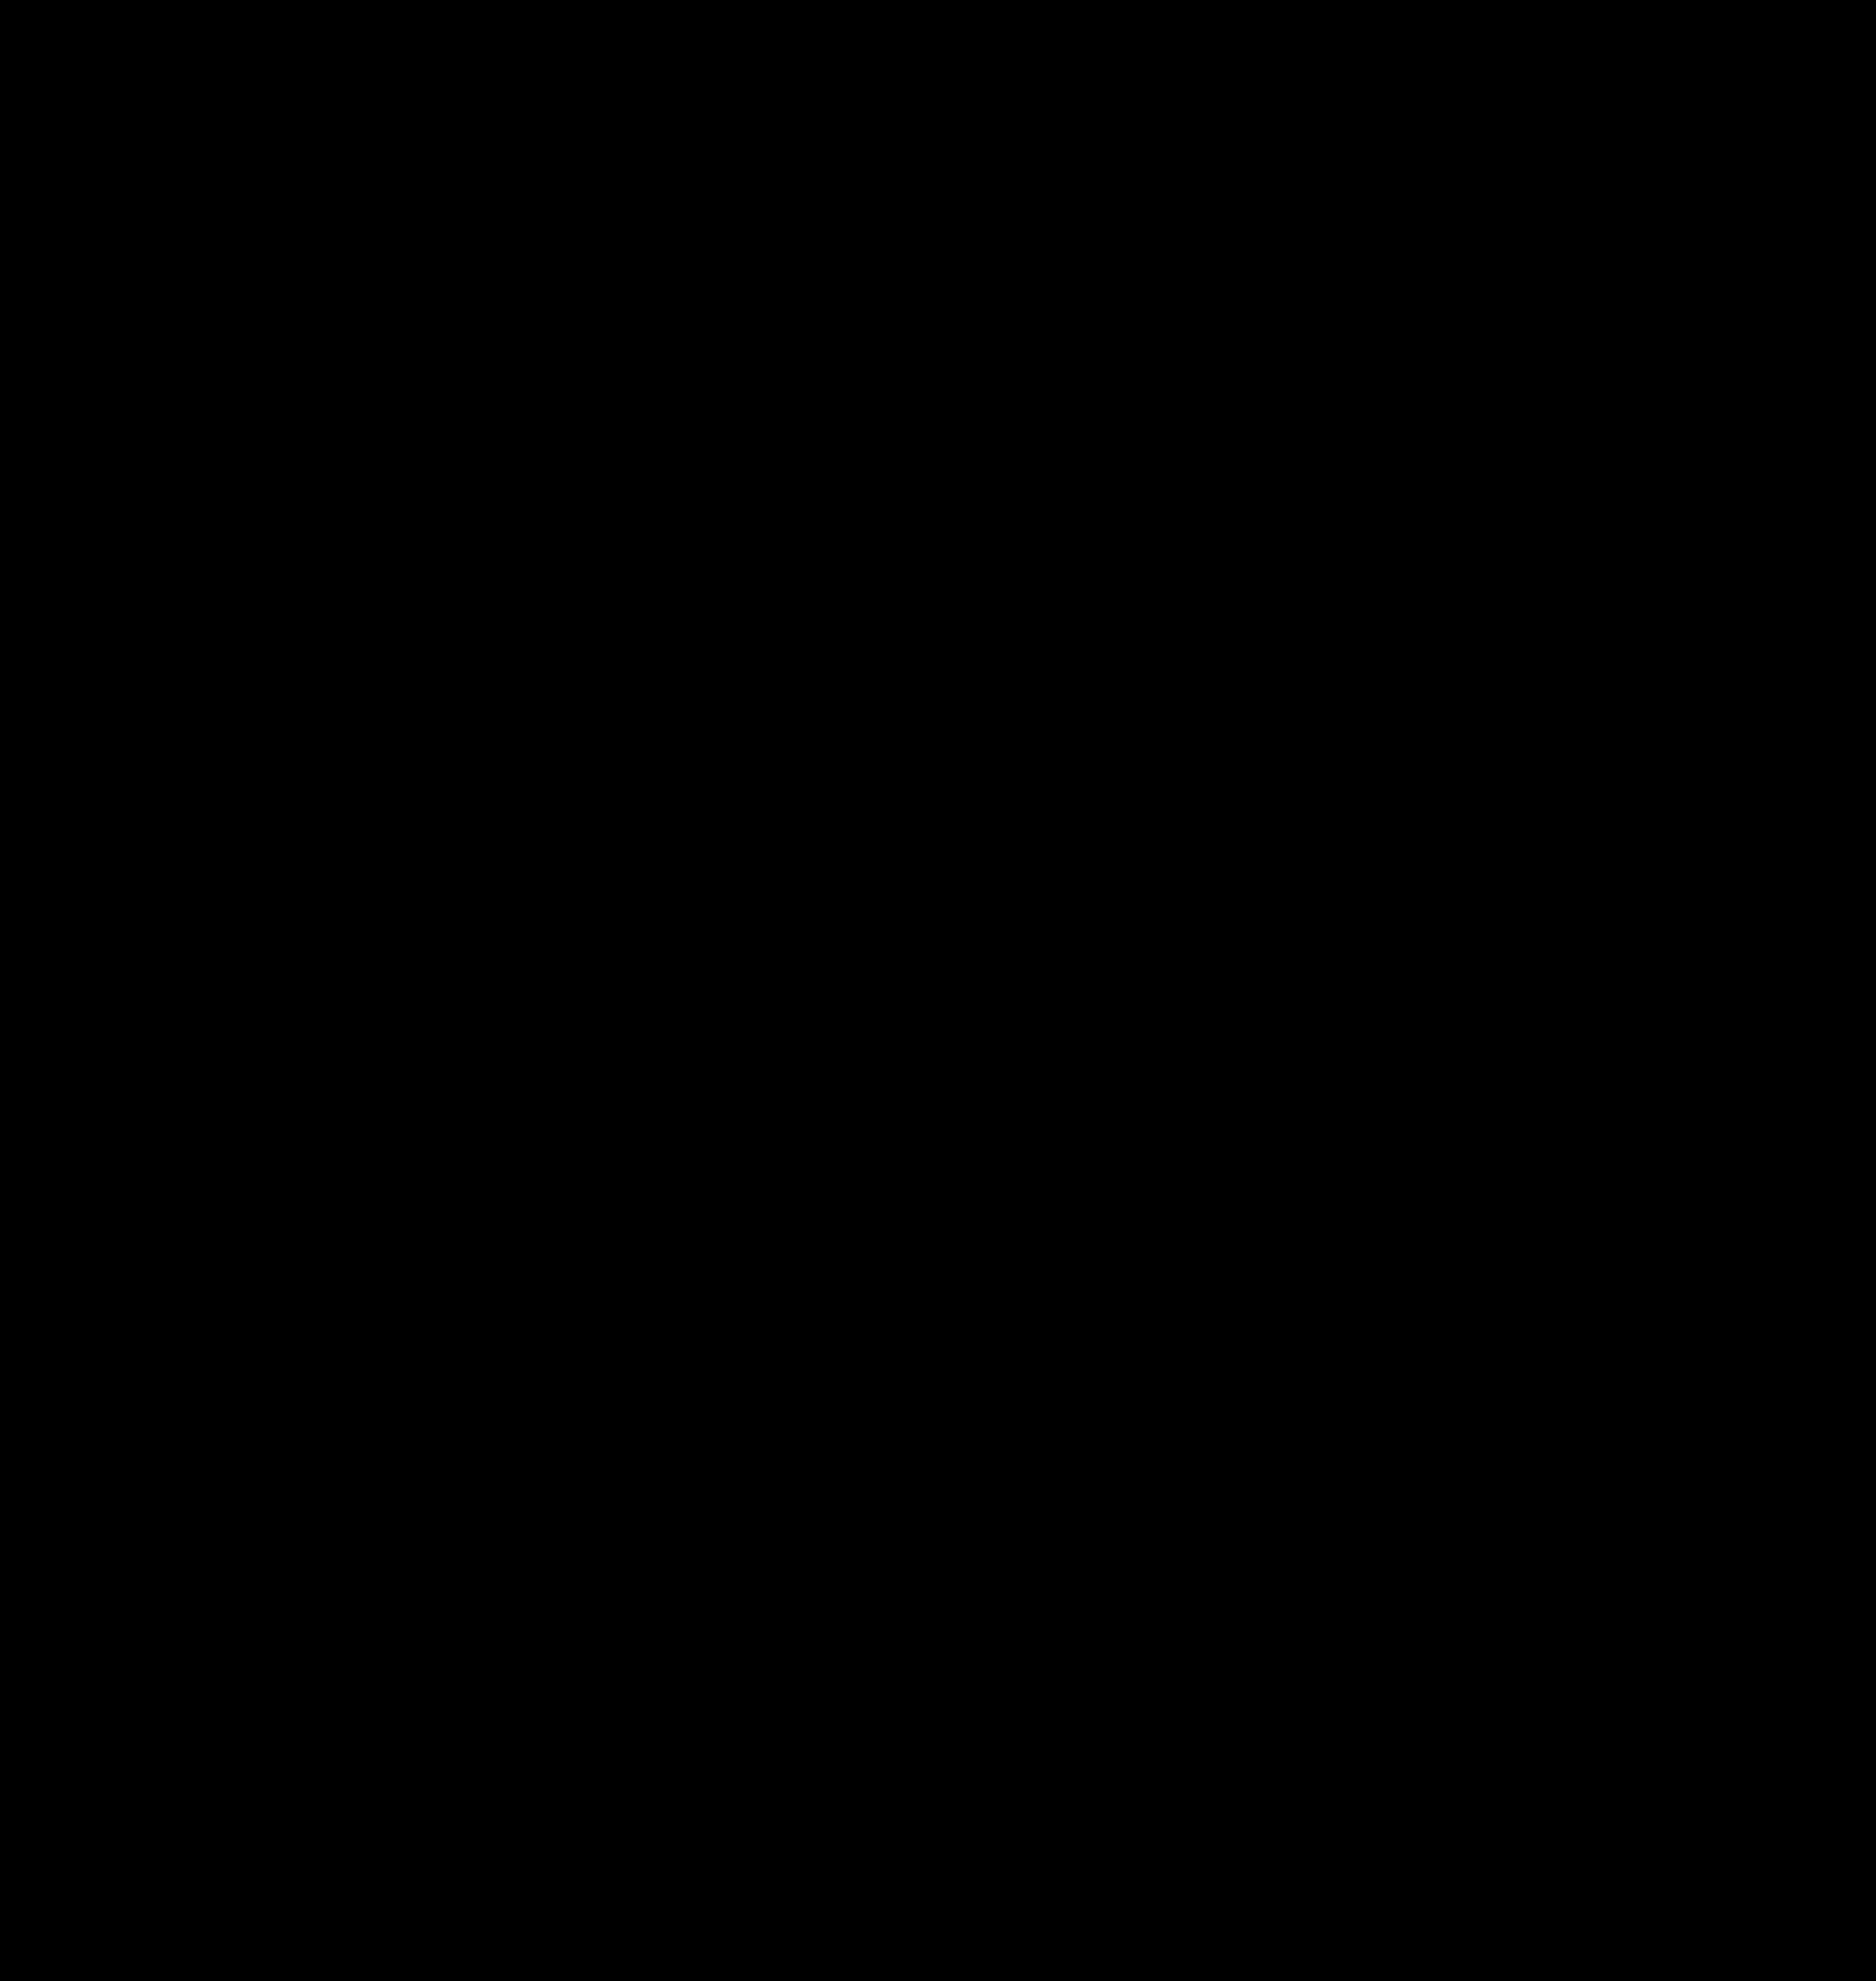 Ristorante Alle Scuderie Umbria Italy In 2020 Outdoor Bar Umbria Green Interiors